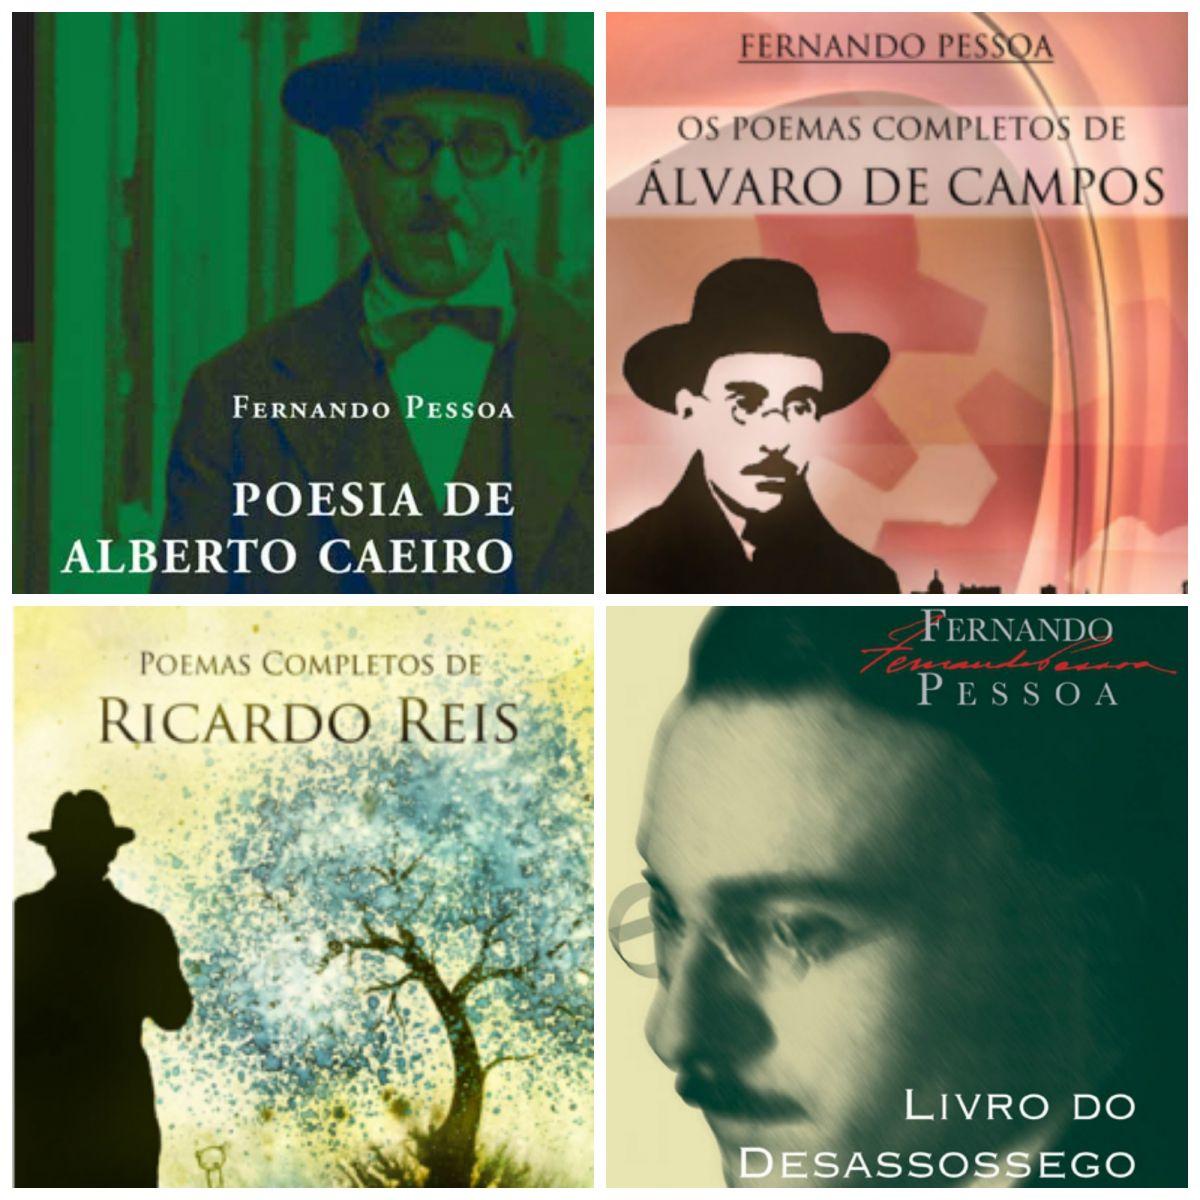 Alberto Caeiro, Álvaro de Campos e Ricardo Reis estão entre os heterônimos de Pessoa. O Livro do desassossego é assinado por Bernardo Soares